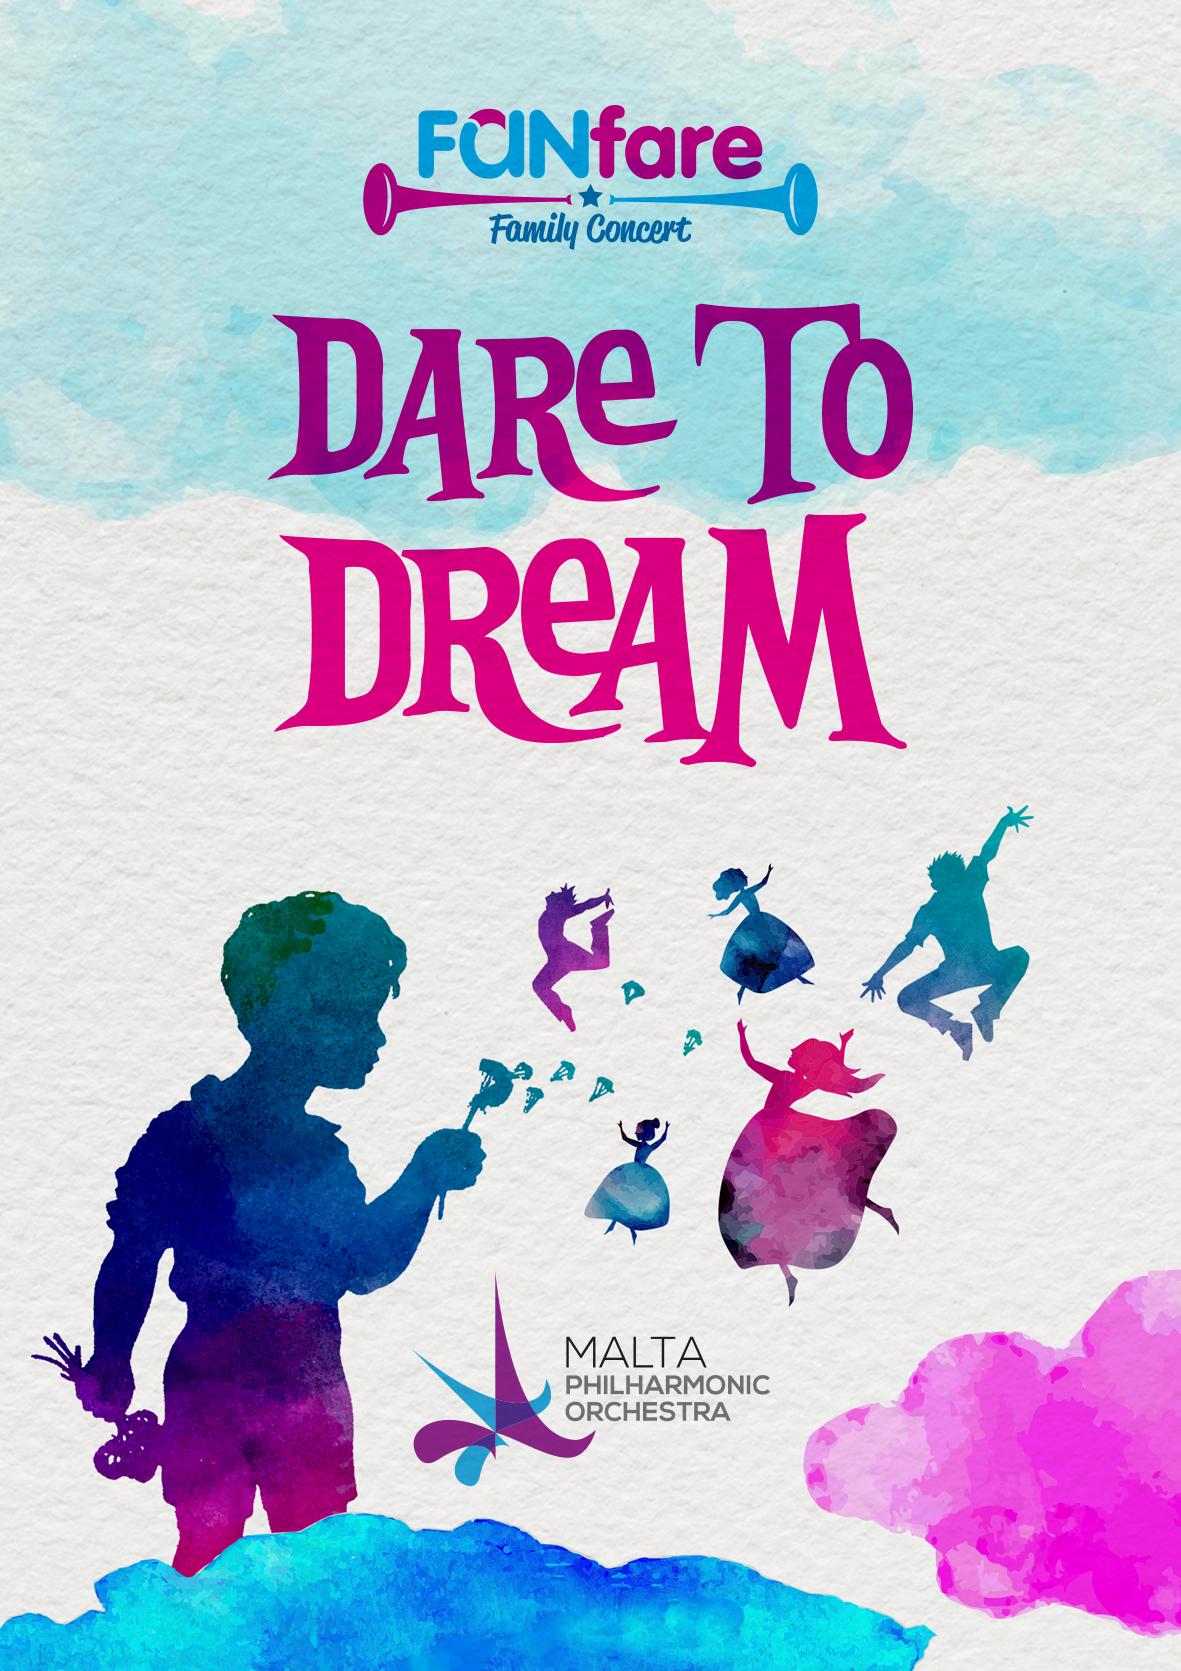 Dare to Dream - MPO Family Fanfare concert flyer